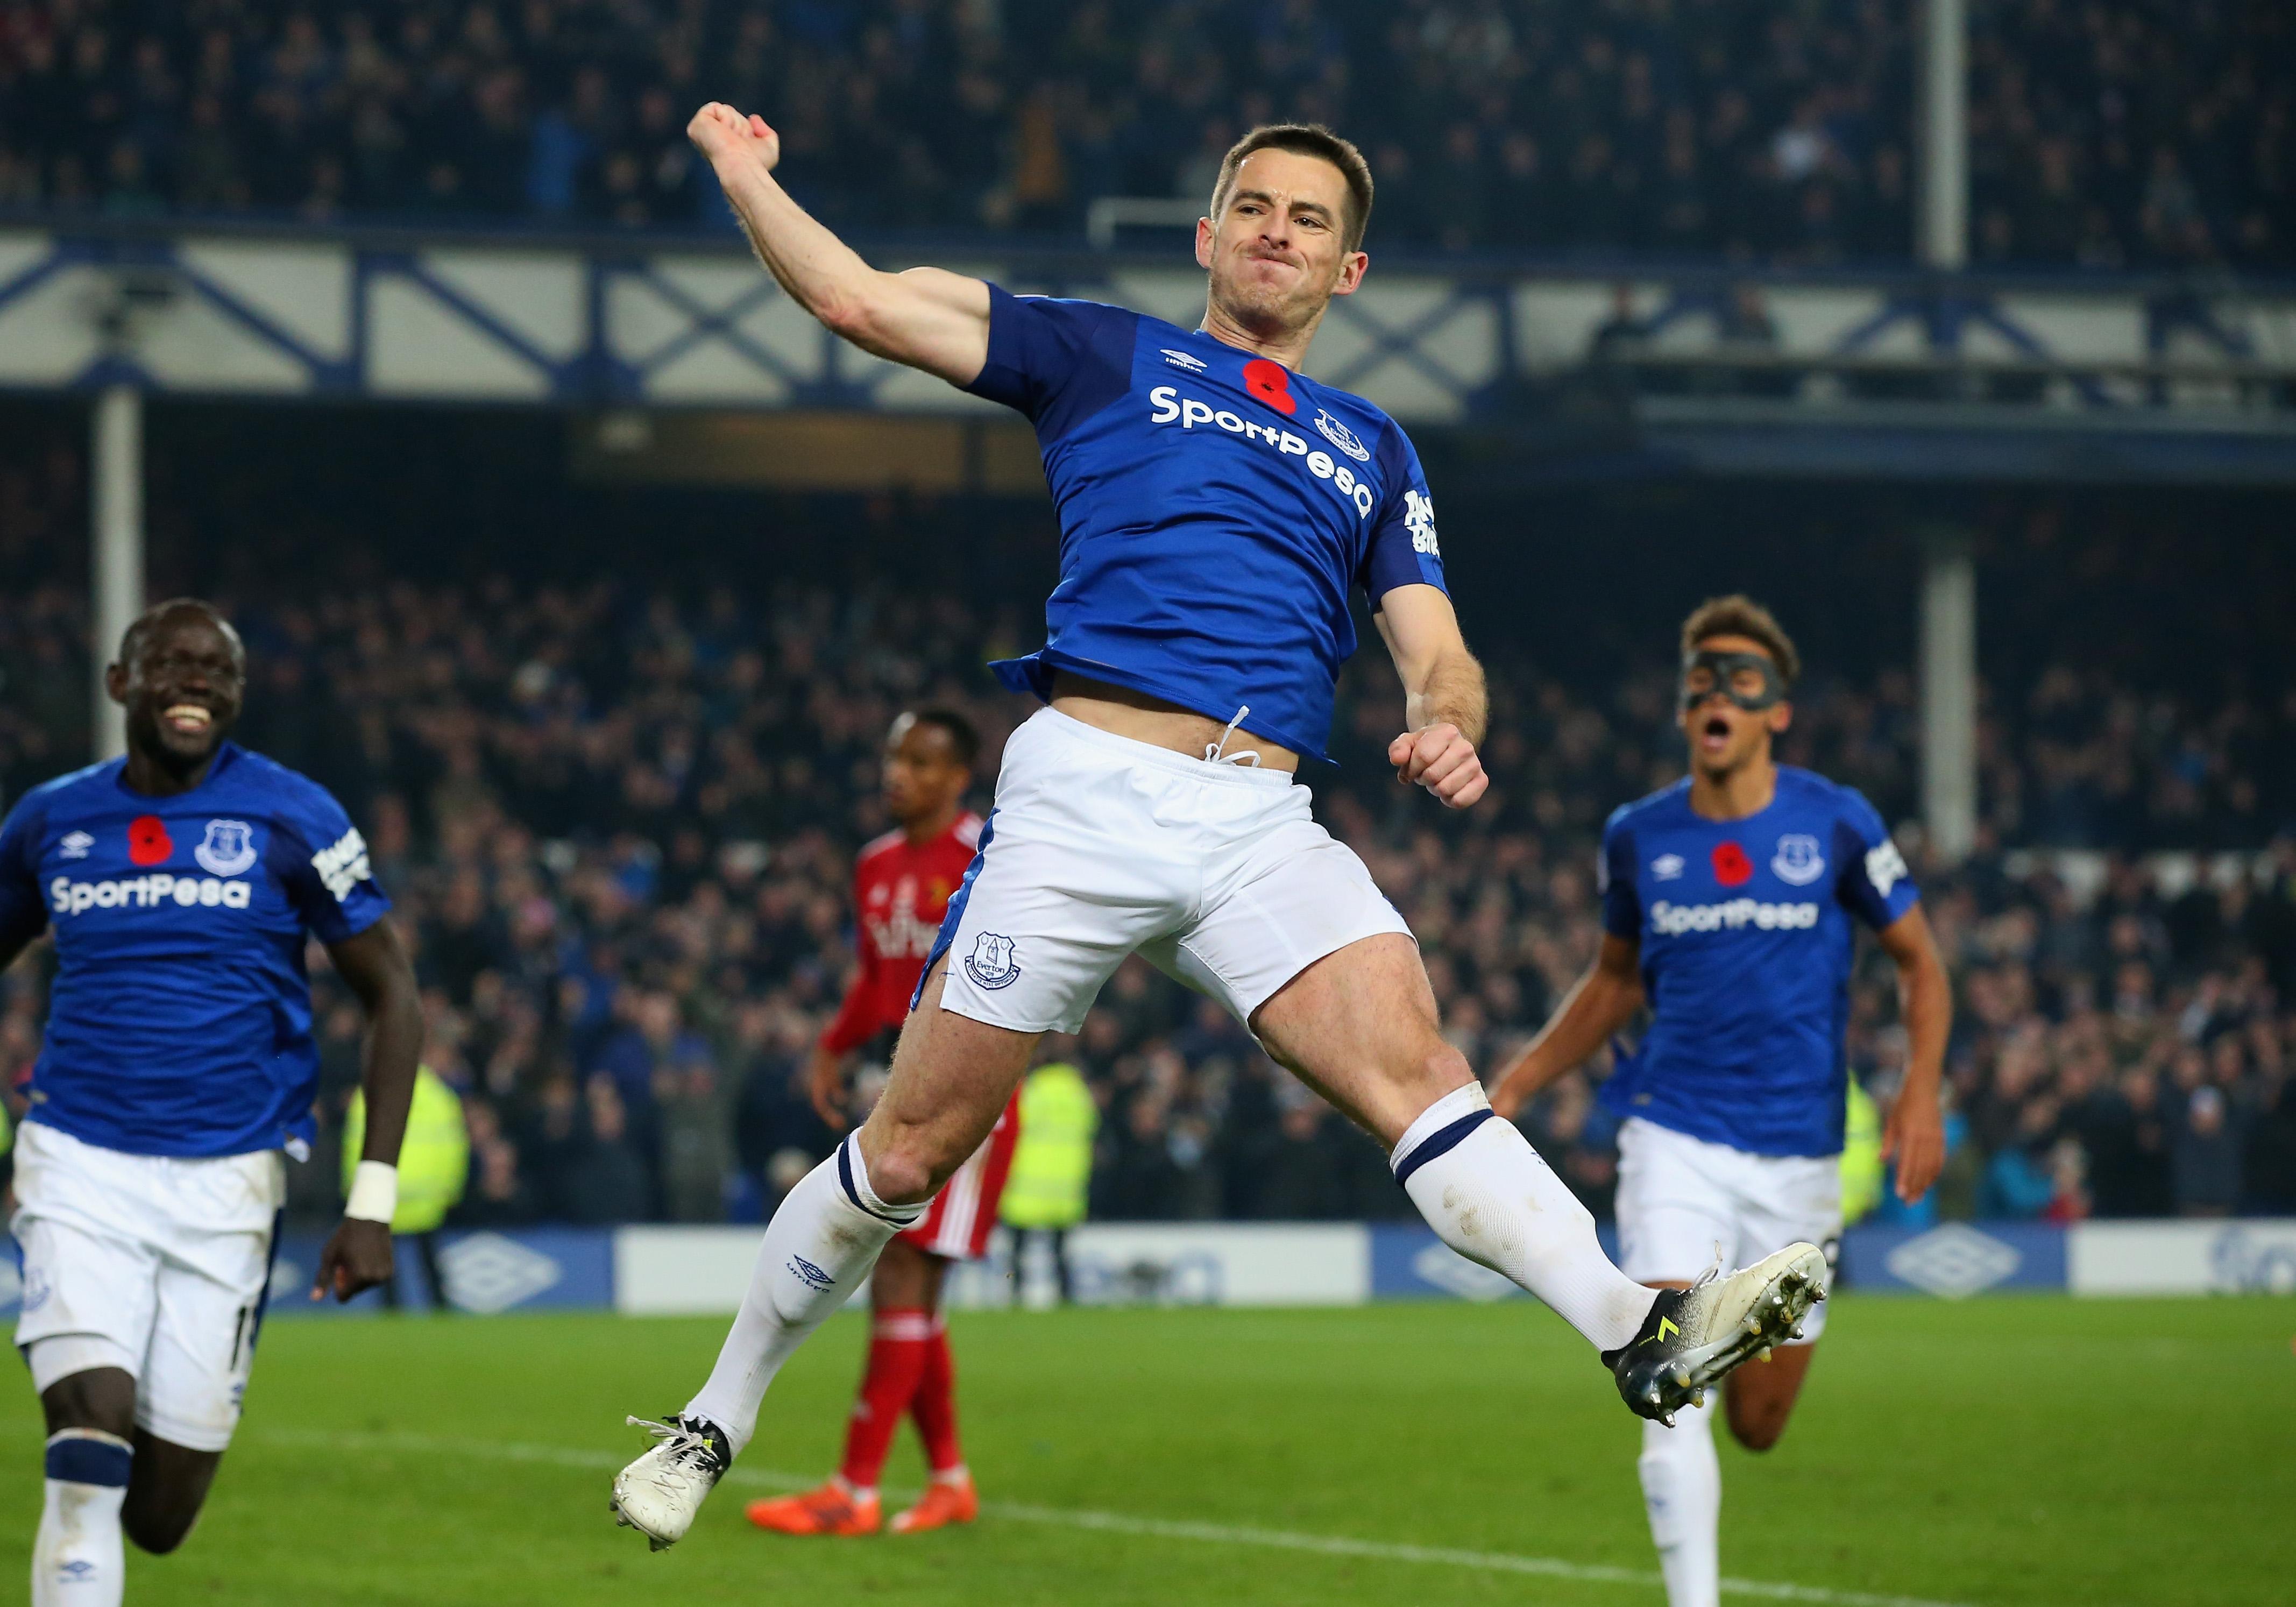 Baines seals dramatic comeback win for Everton